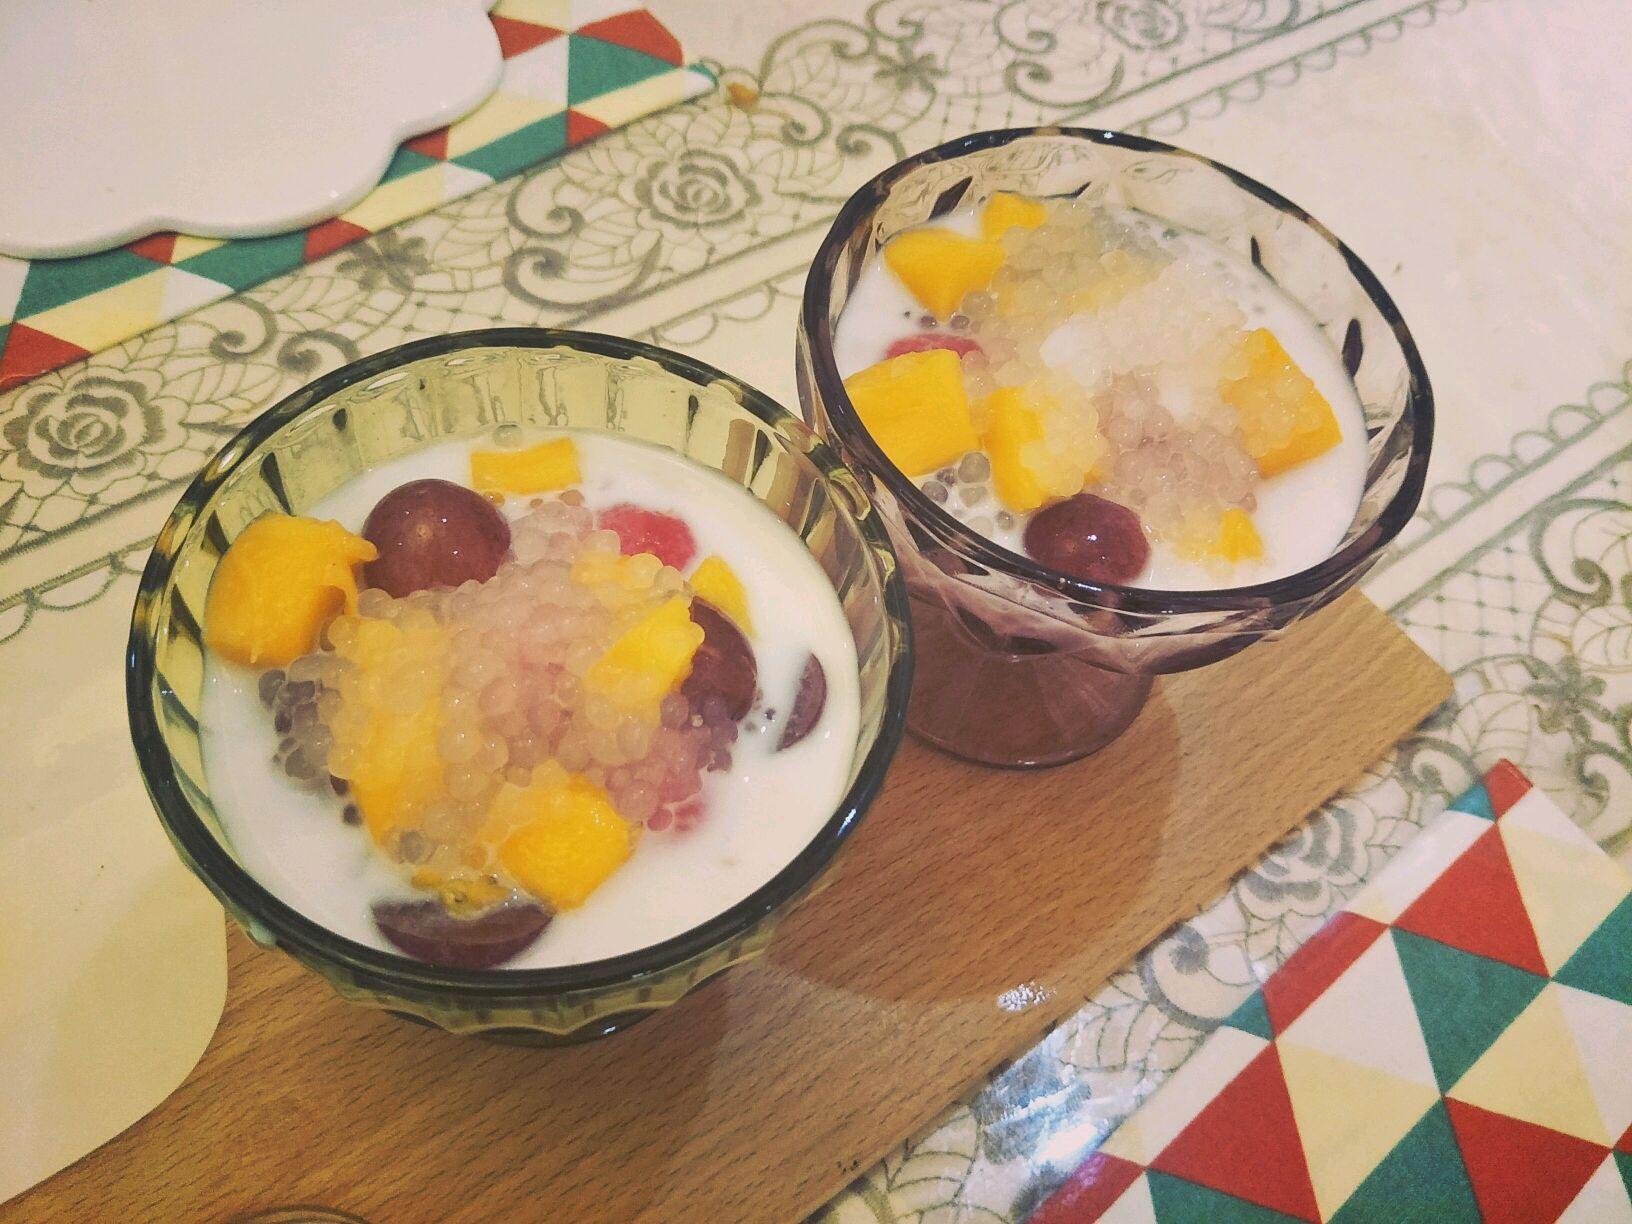 西米水果捞的做法 西米水果捞怎么做好吃